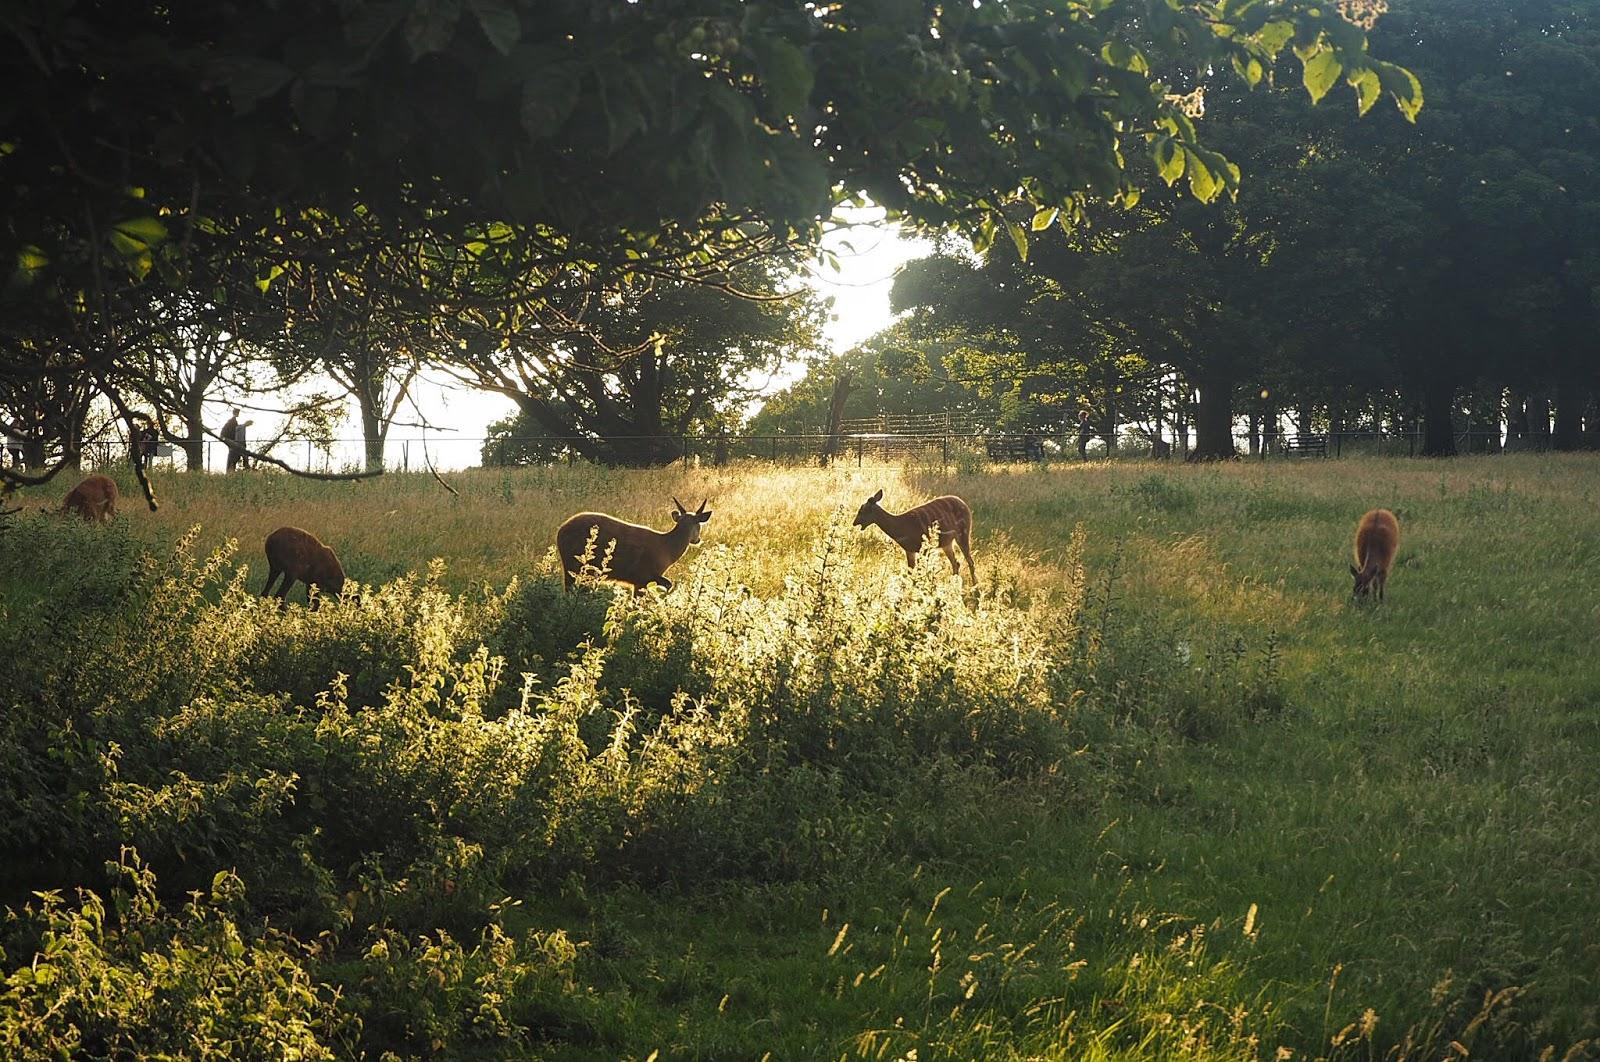 Deer at dusk ZSL Whipsnade Zoo